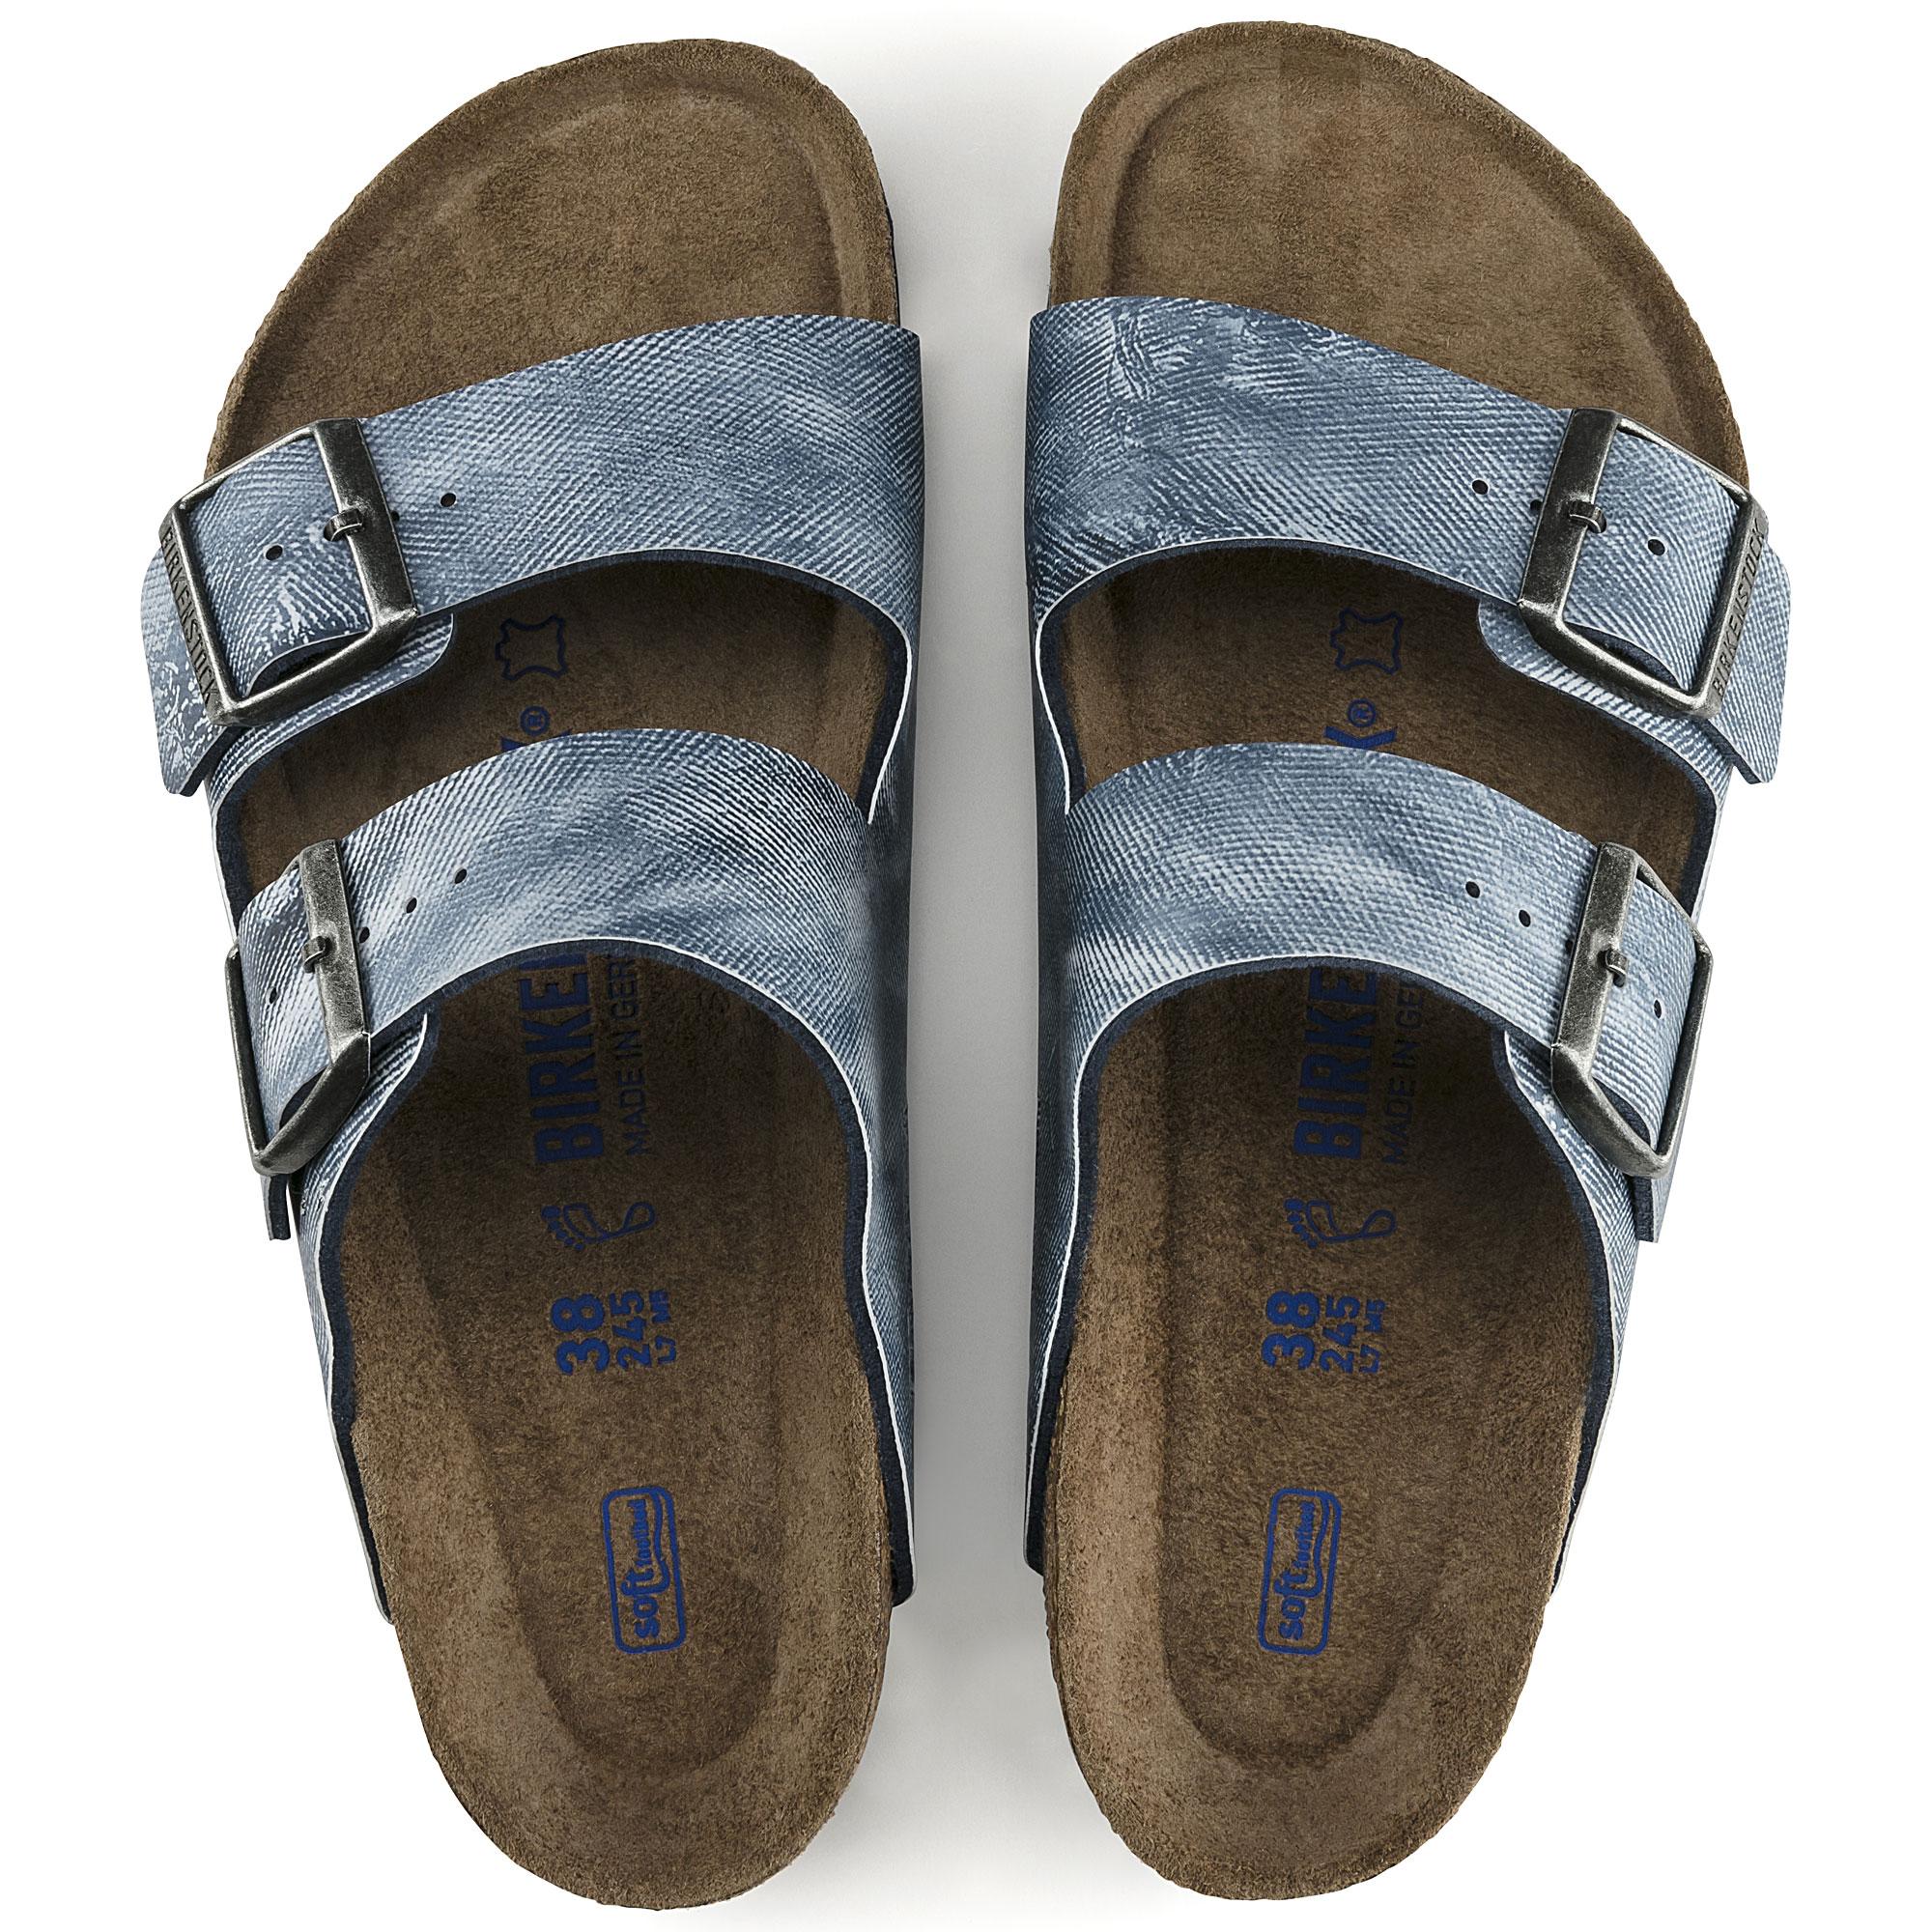 Birkenstock Arizona Sandals Birko Flor Soft Footbed Jeans Washed Out Blue 44 N